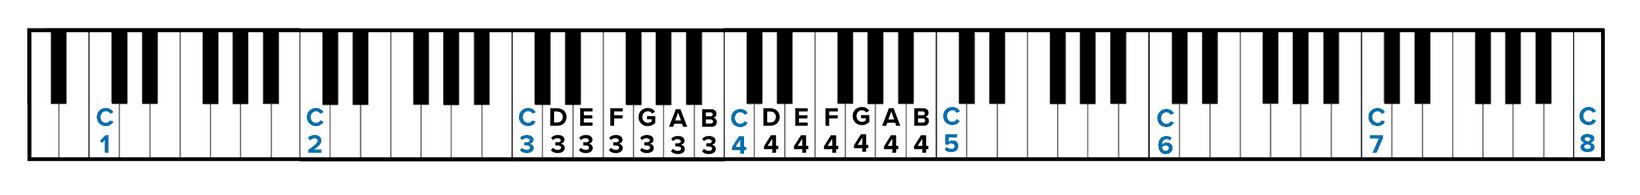 Ký hiệu các nốt nhạc trên đàn piano